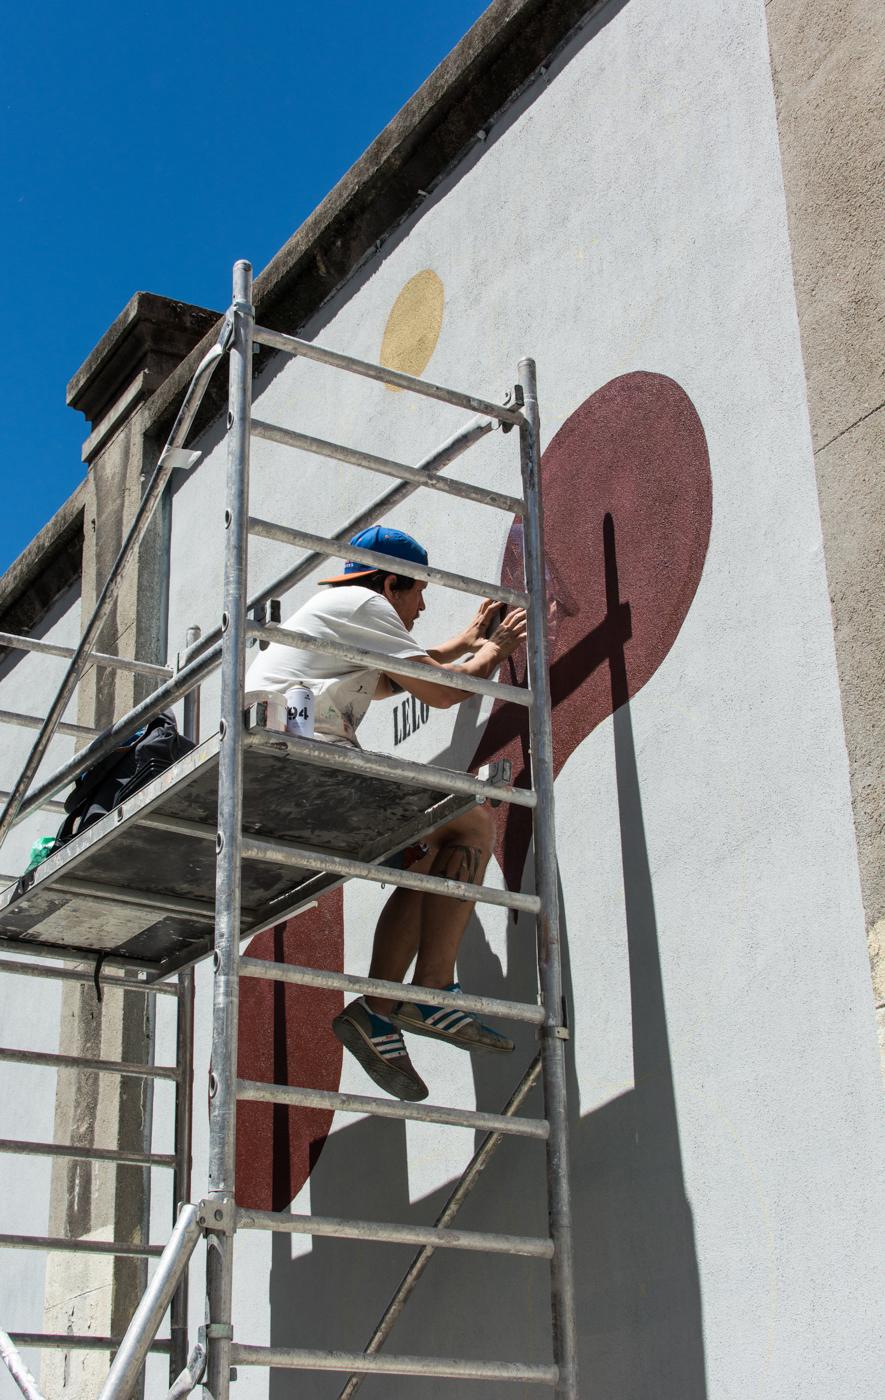 Lelo - MurosTabacalera by Guillermo de la Madrid - Madrid Street Art Project-005.jpg